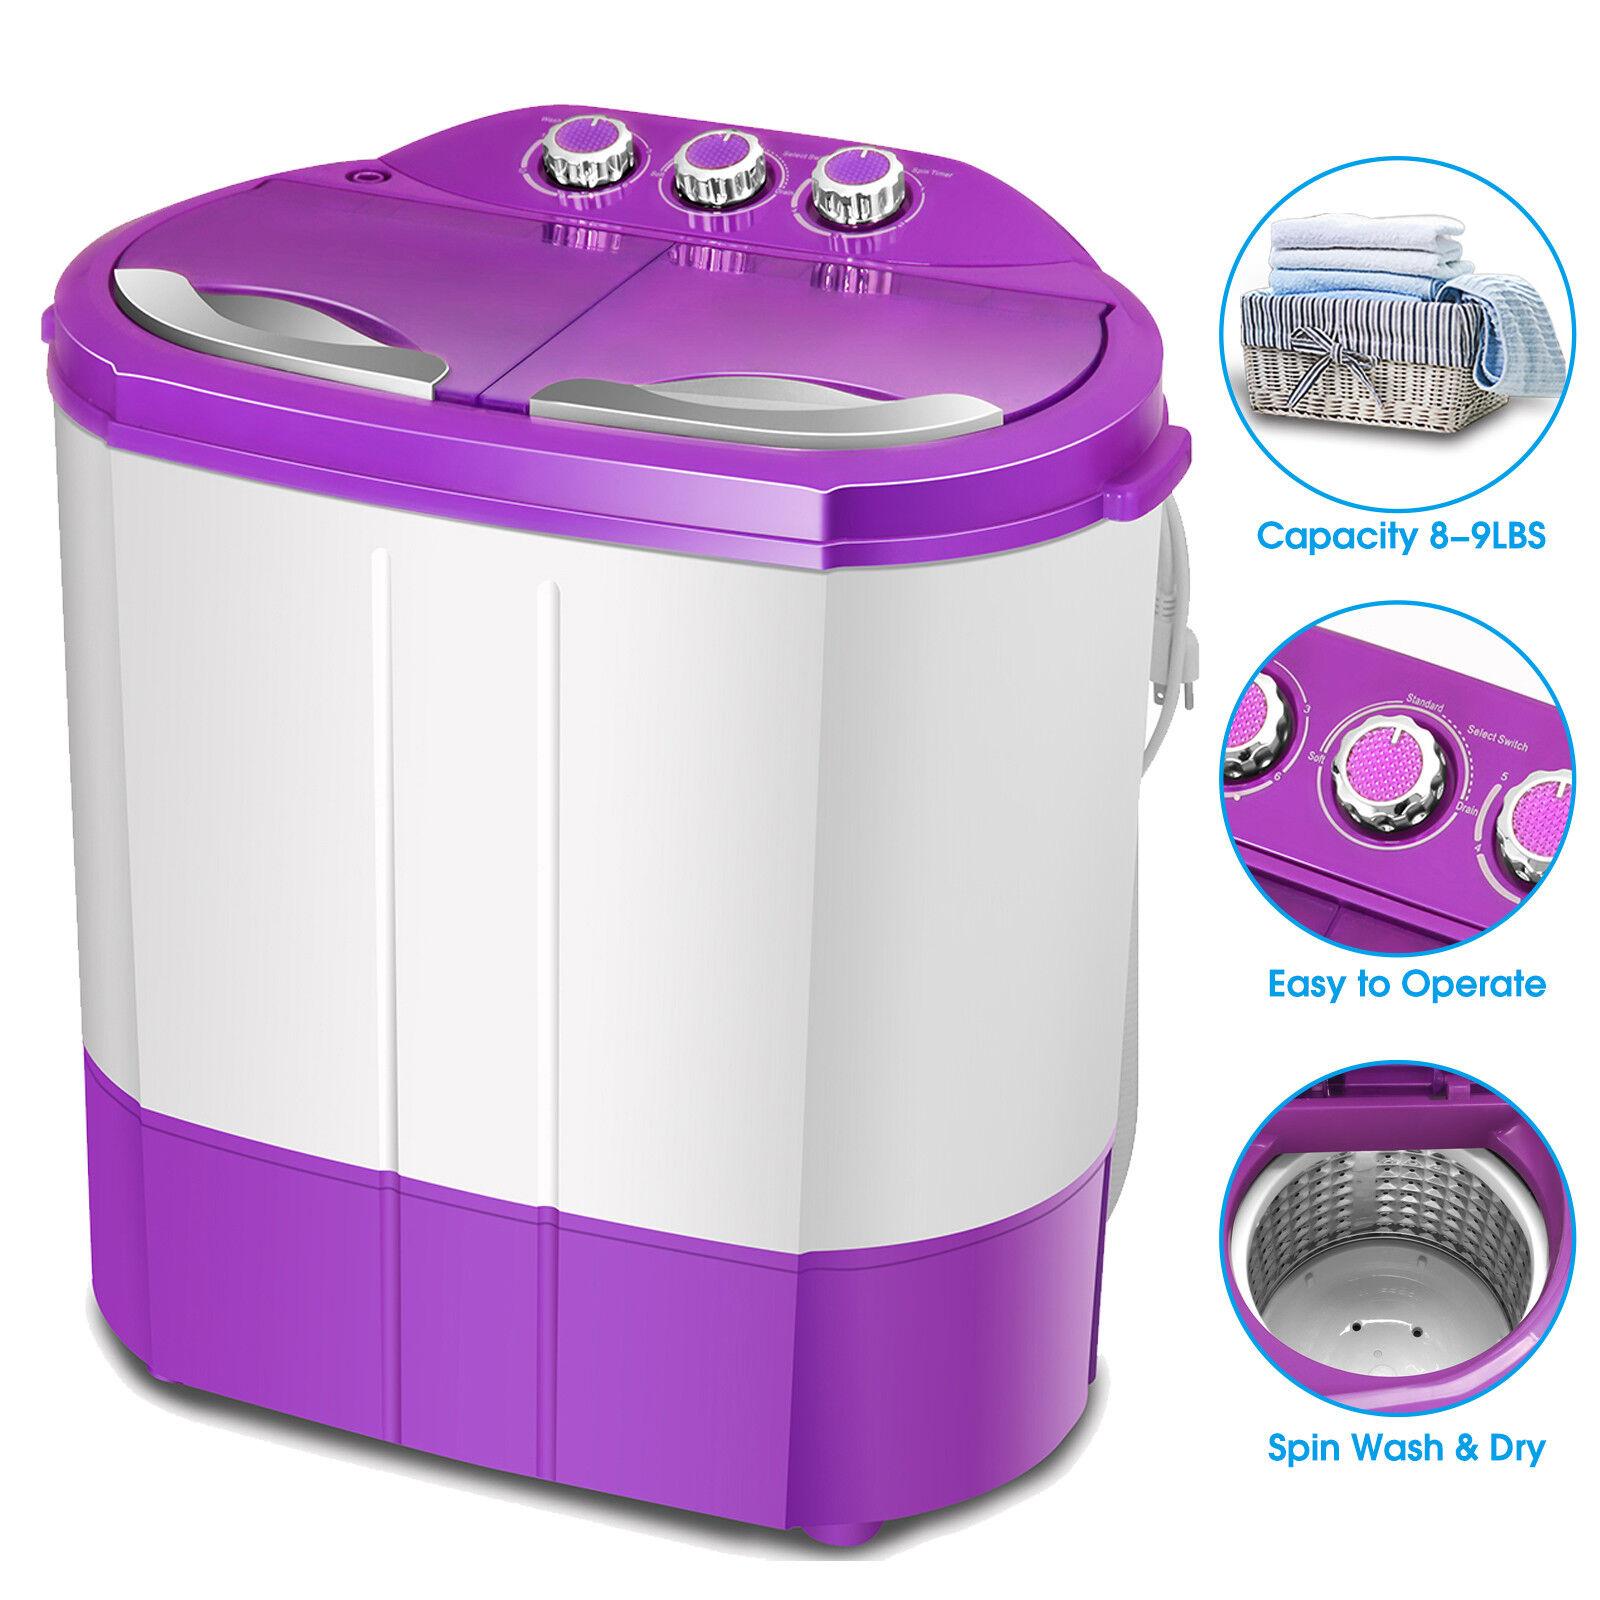 Mini Portable Compact Washing Machine Twin Tub Laundry Washe